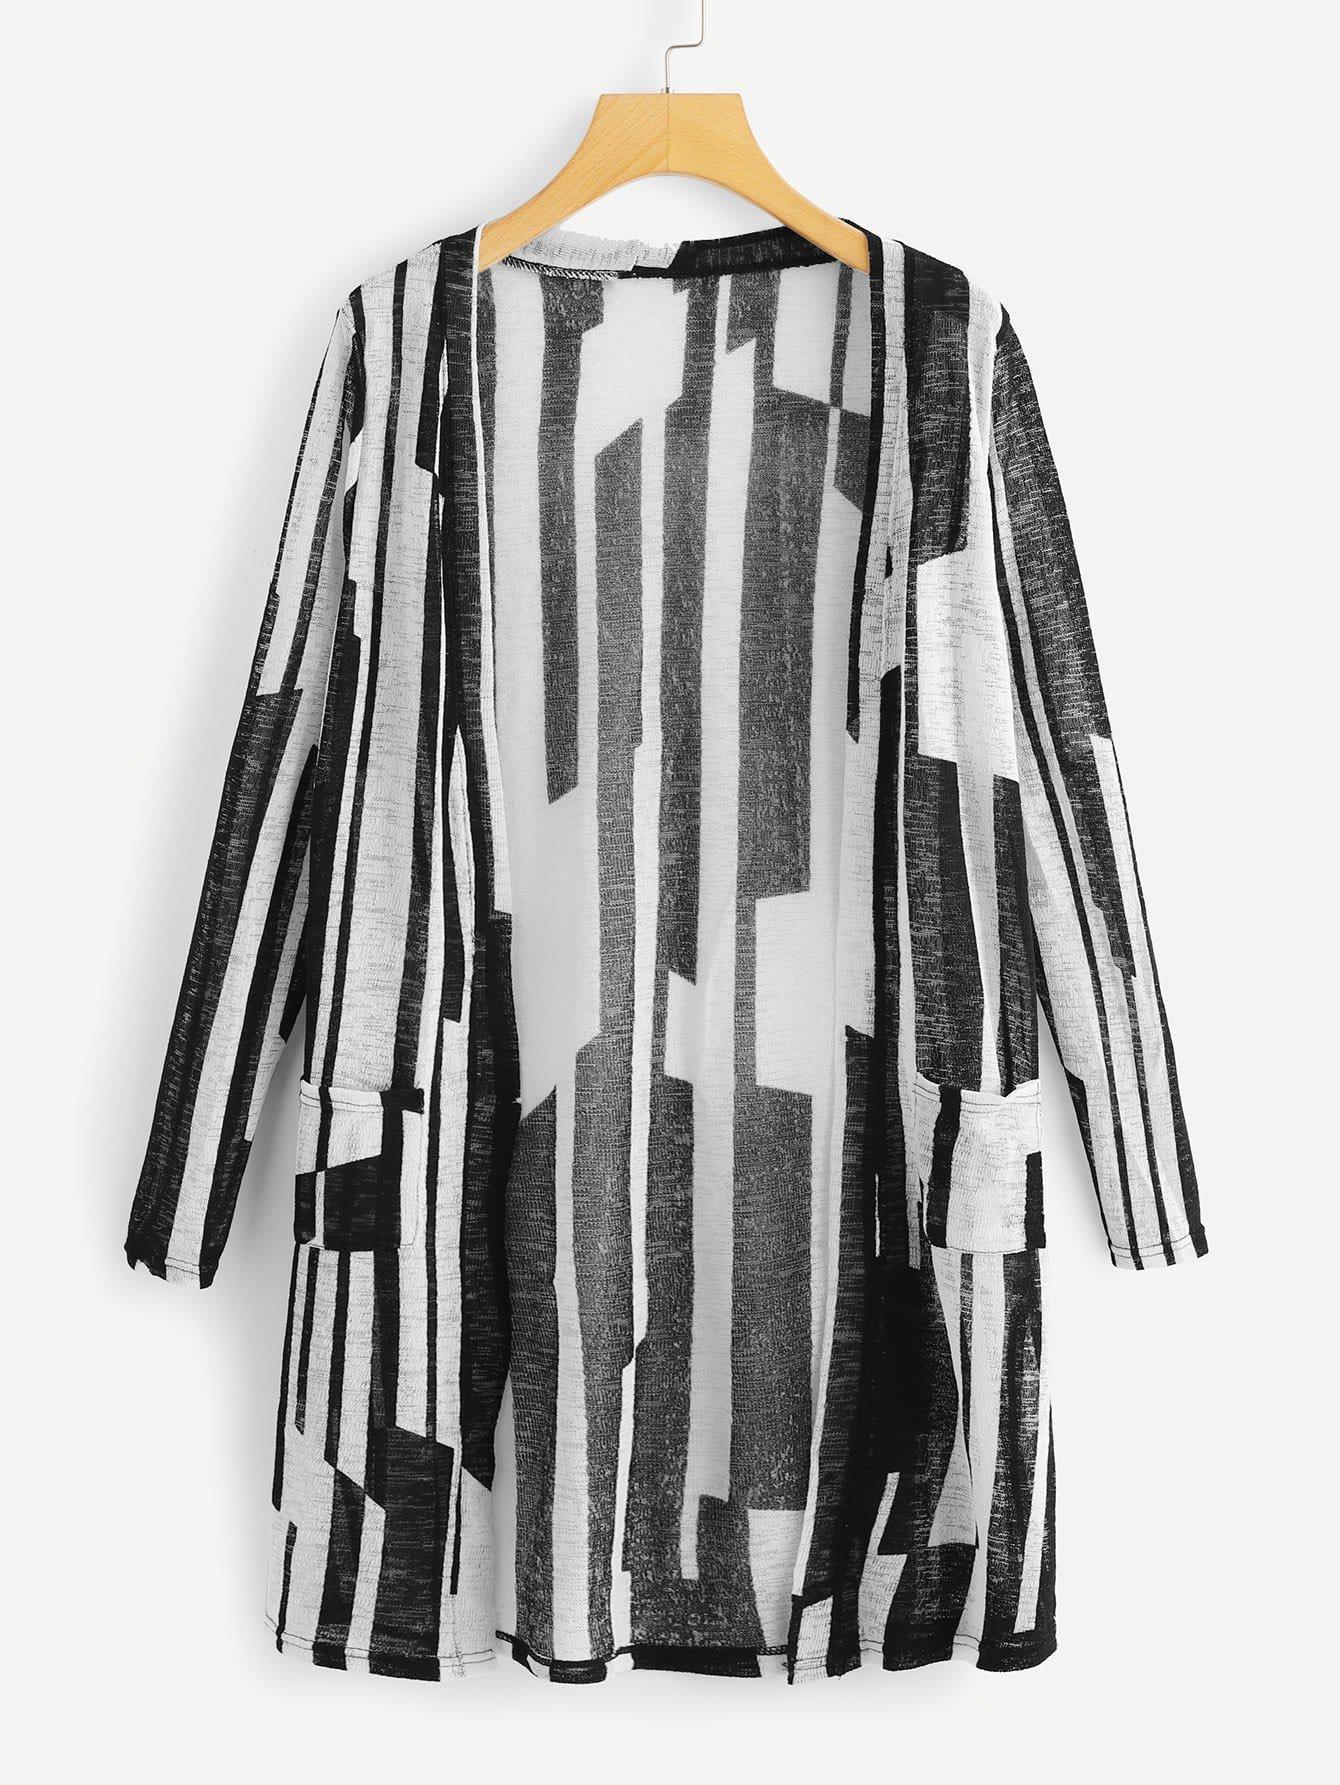 Mantel mit Tasche und Streifen